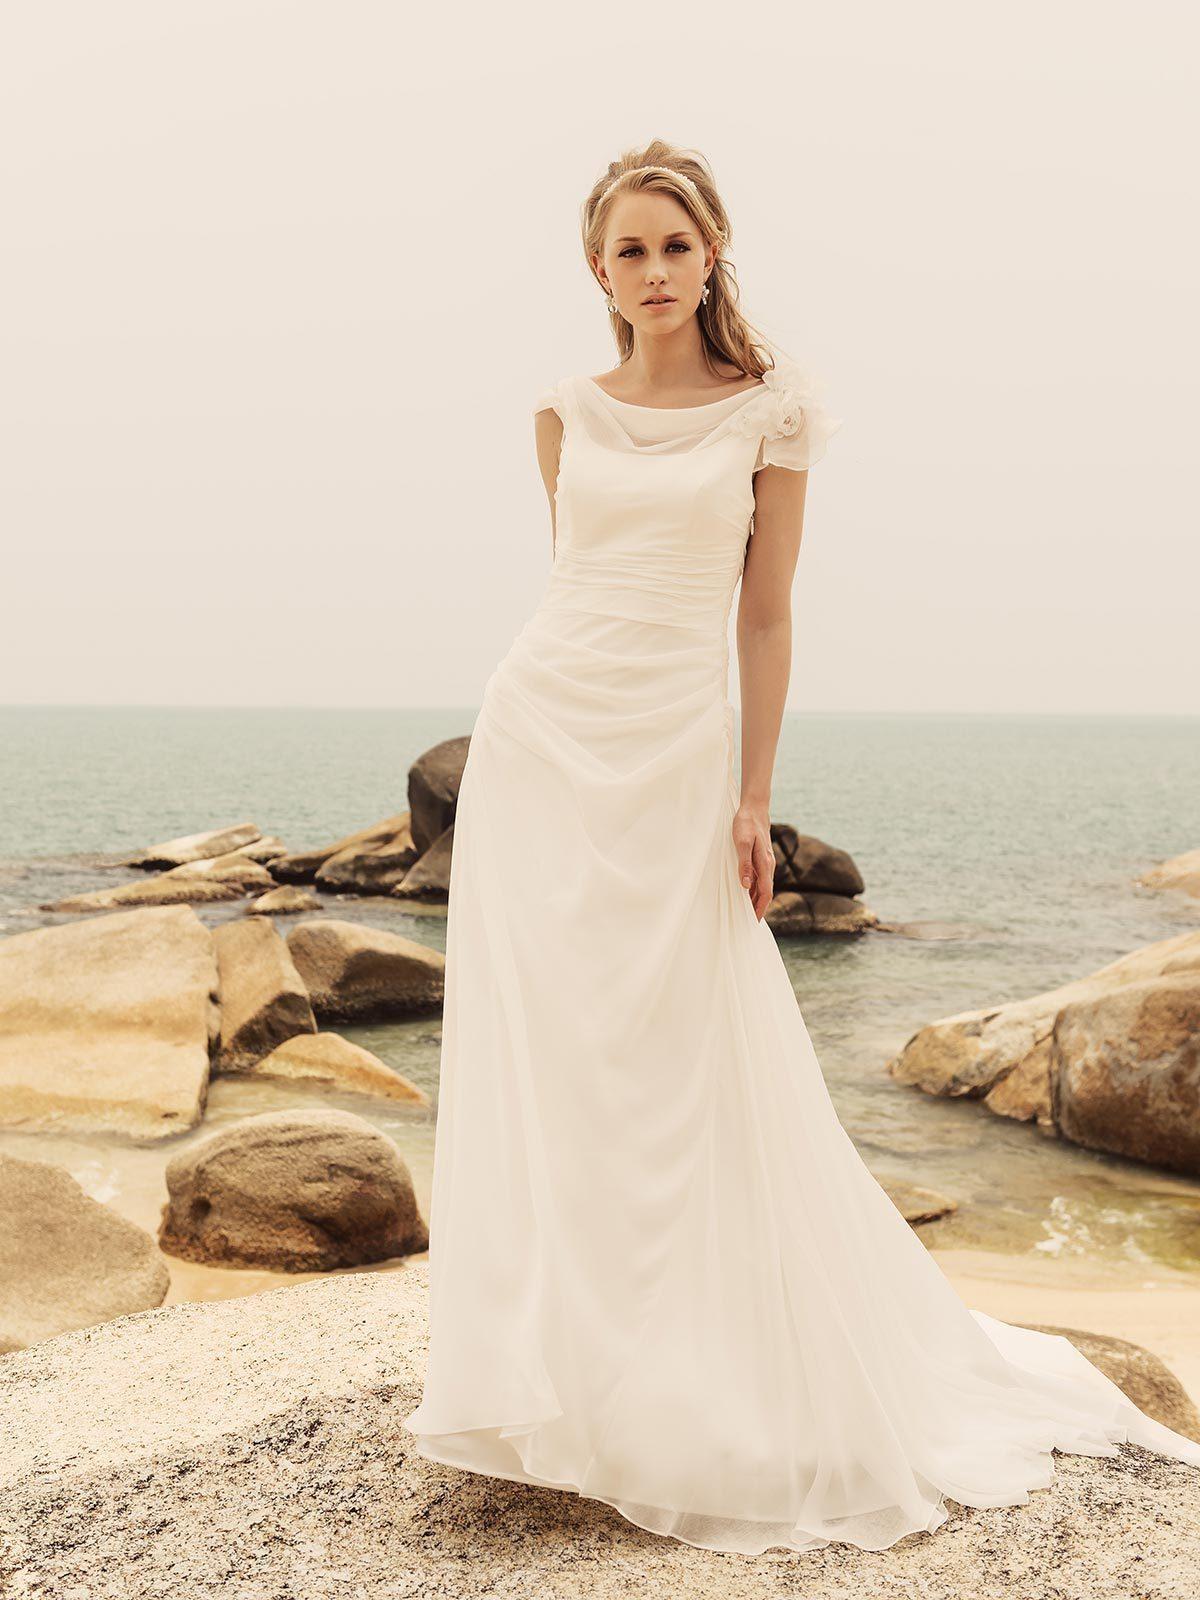 Brautkleid Elektra von Rembo Styling auf Ja.de